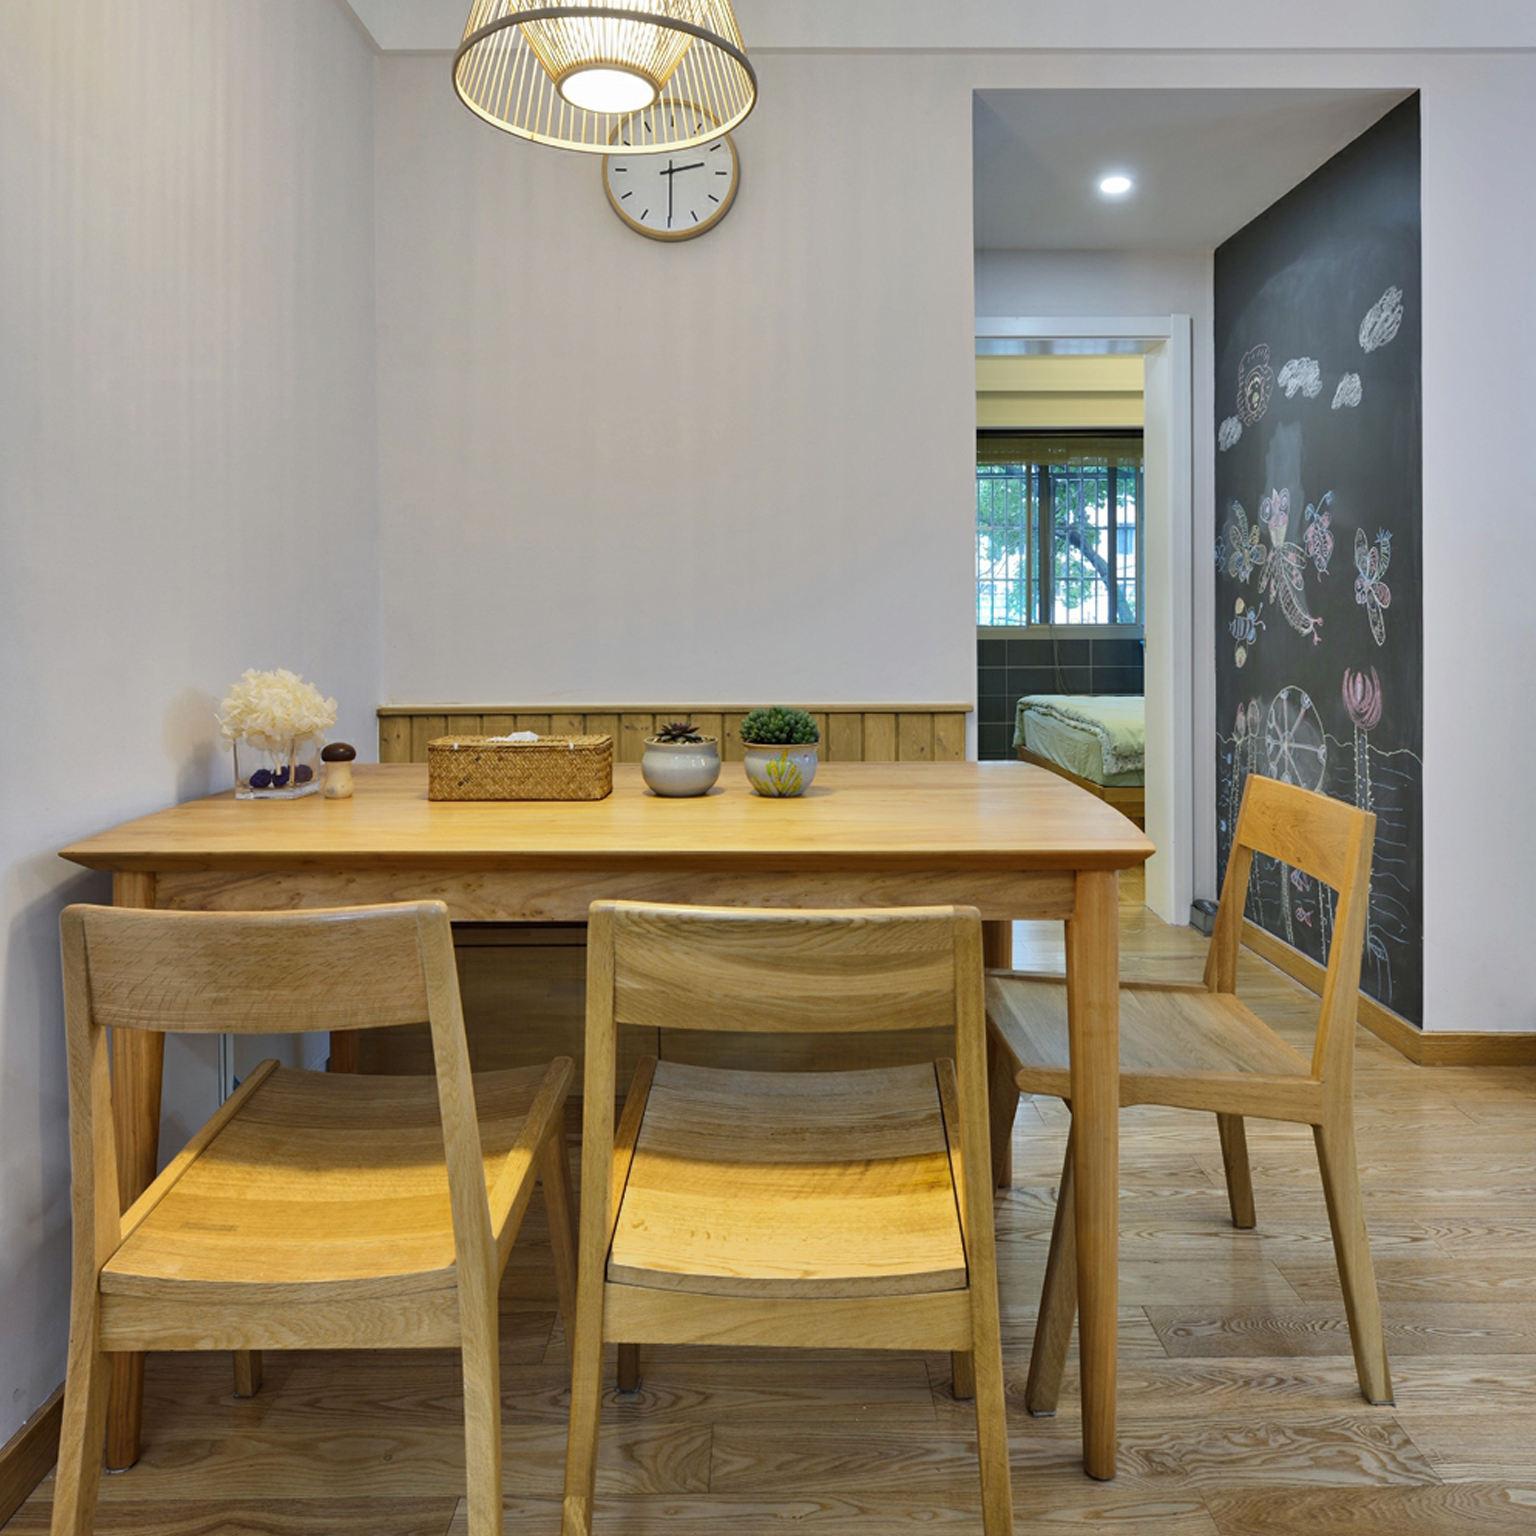 简洁日式餐厅设计装修效果图